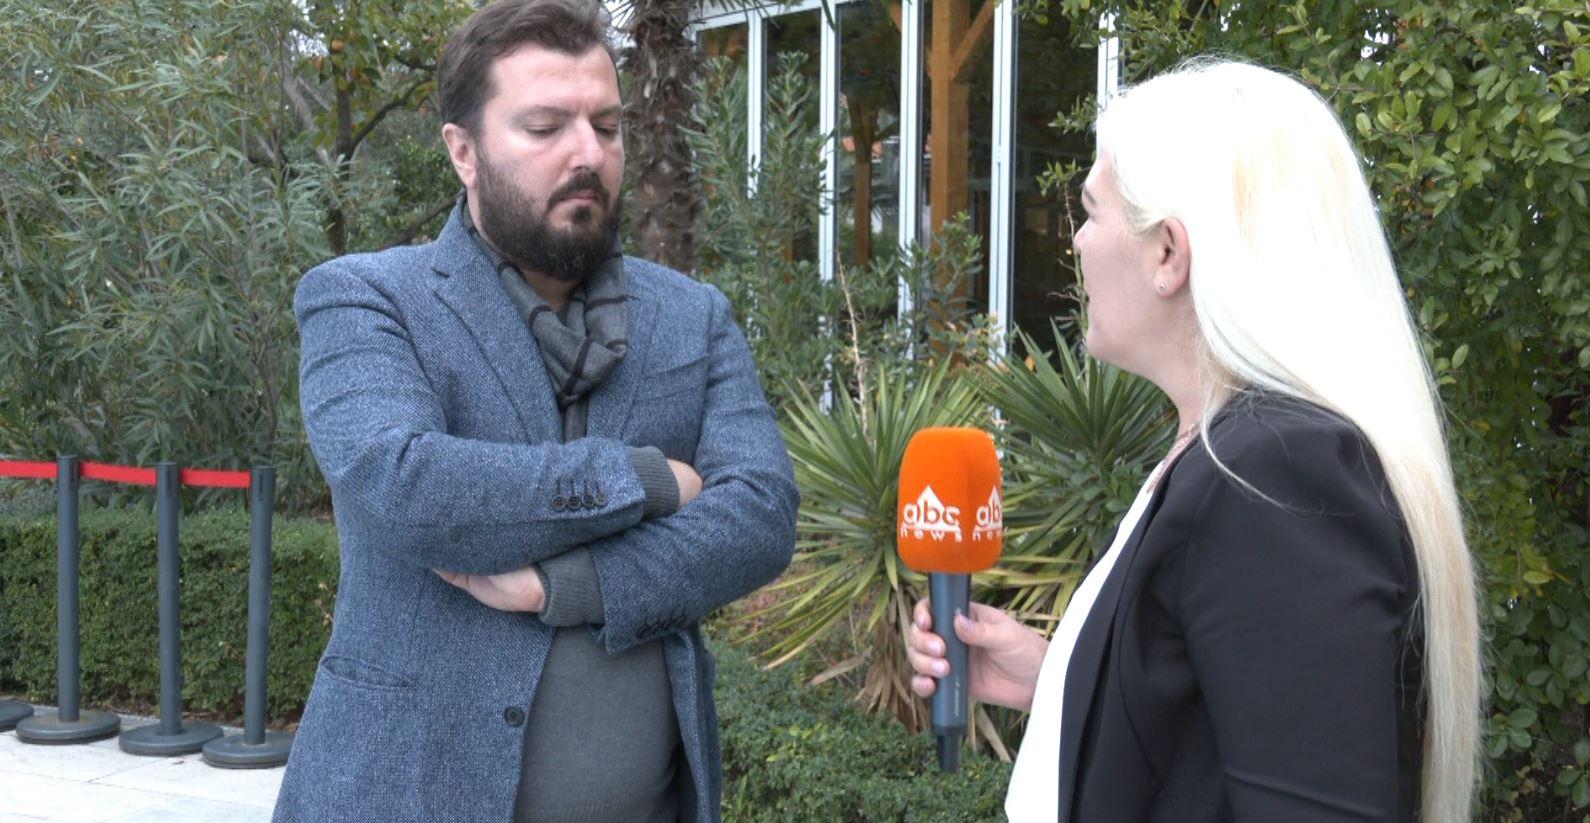 Vetëvendosje i përgjigjet LDK-së: Negociatat vazhdojnë